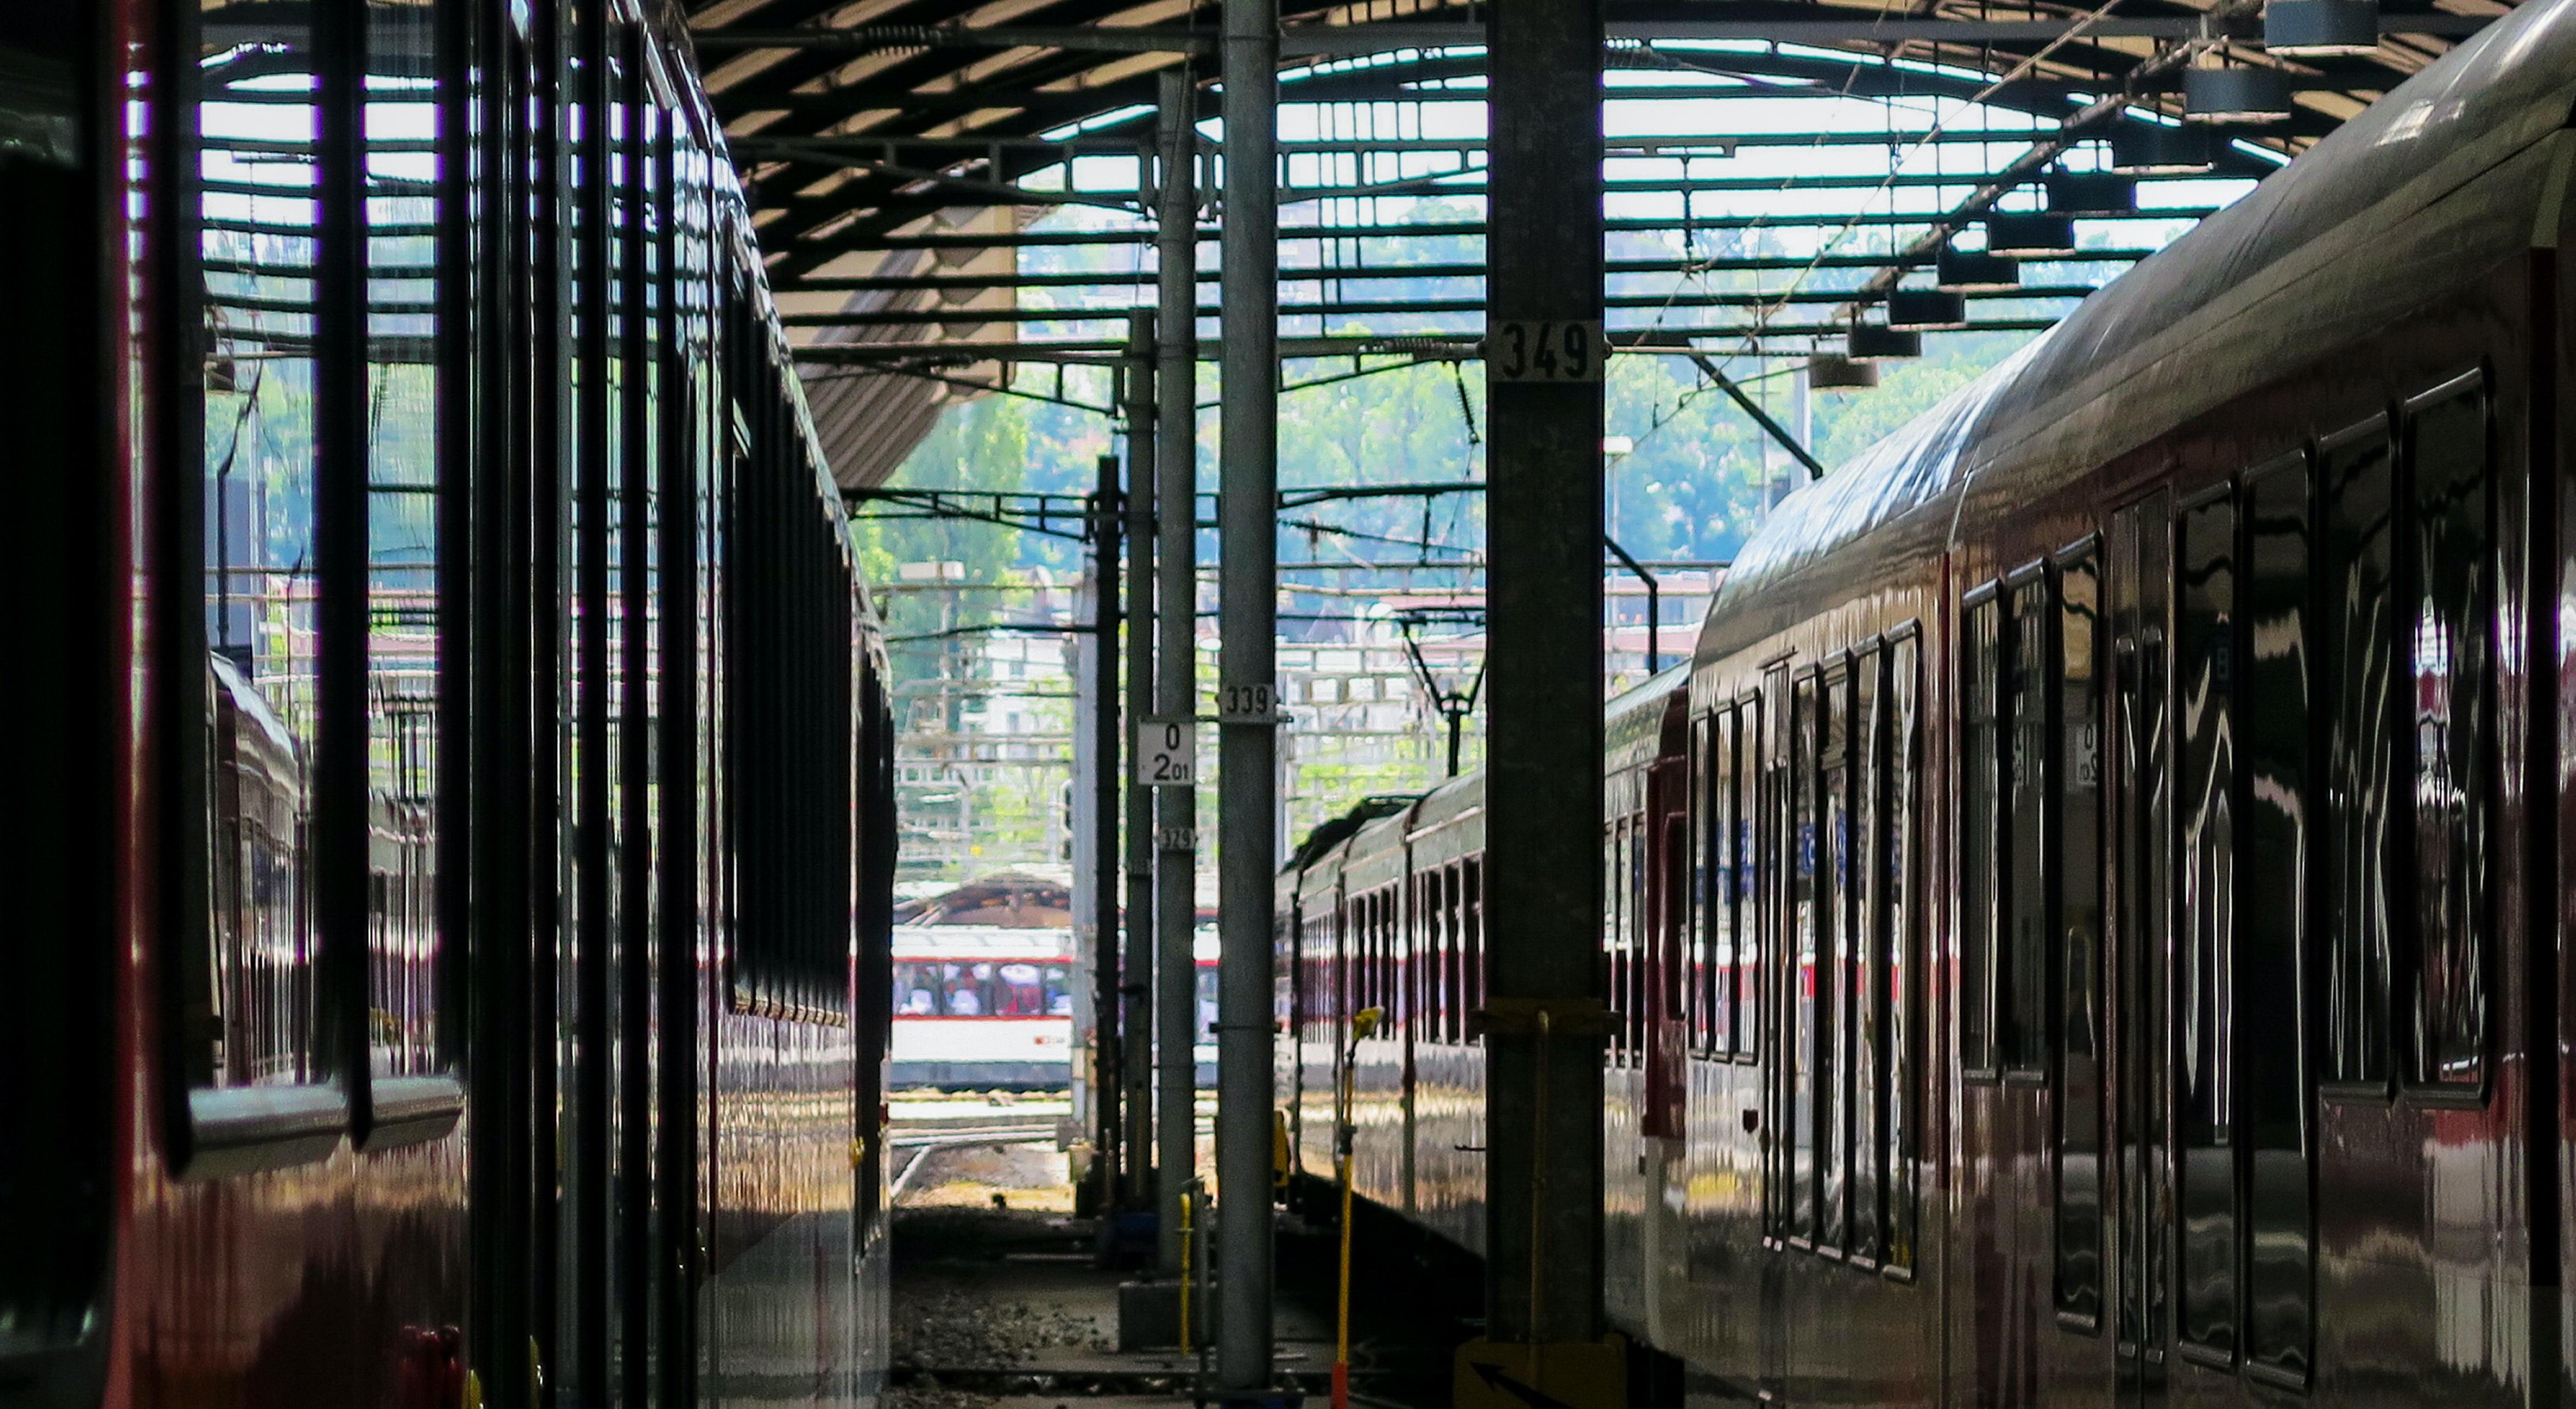 Lucerne main station